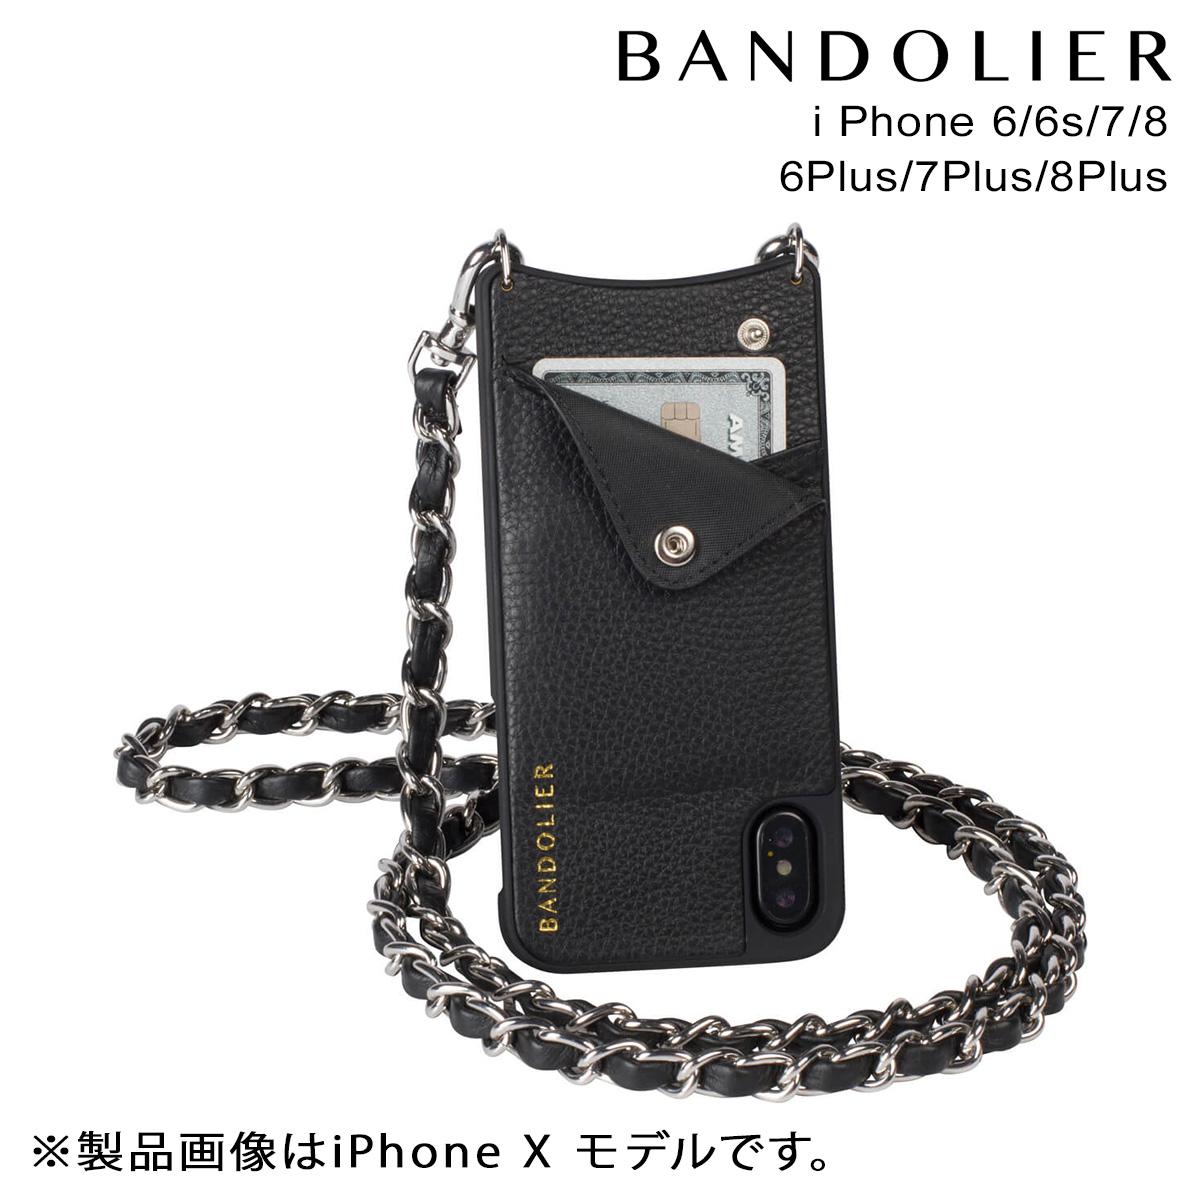 BANDOLIER バンドリヤー iPhone8 iPhone7 7Plus 6s ケース スマホ アイフォン プラス LUCY SILVER メンズ レディース [9/14 新入荷]